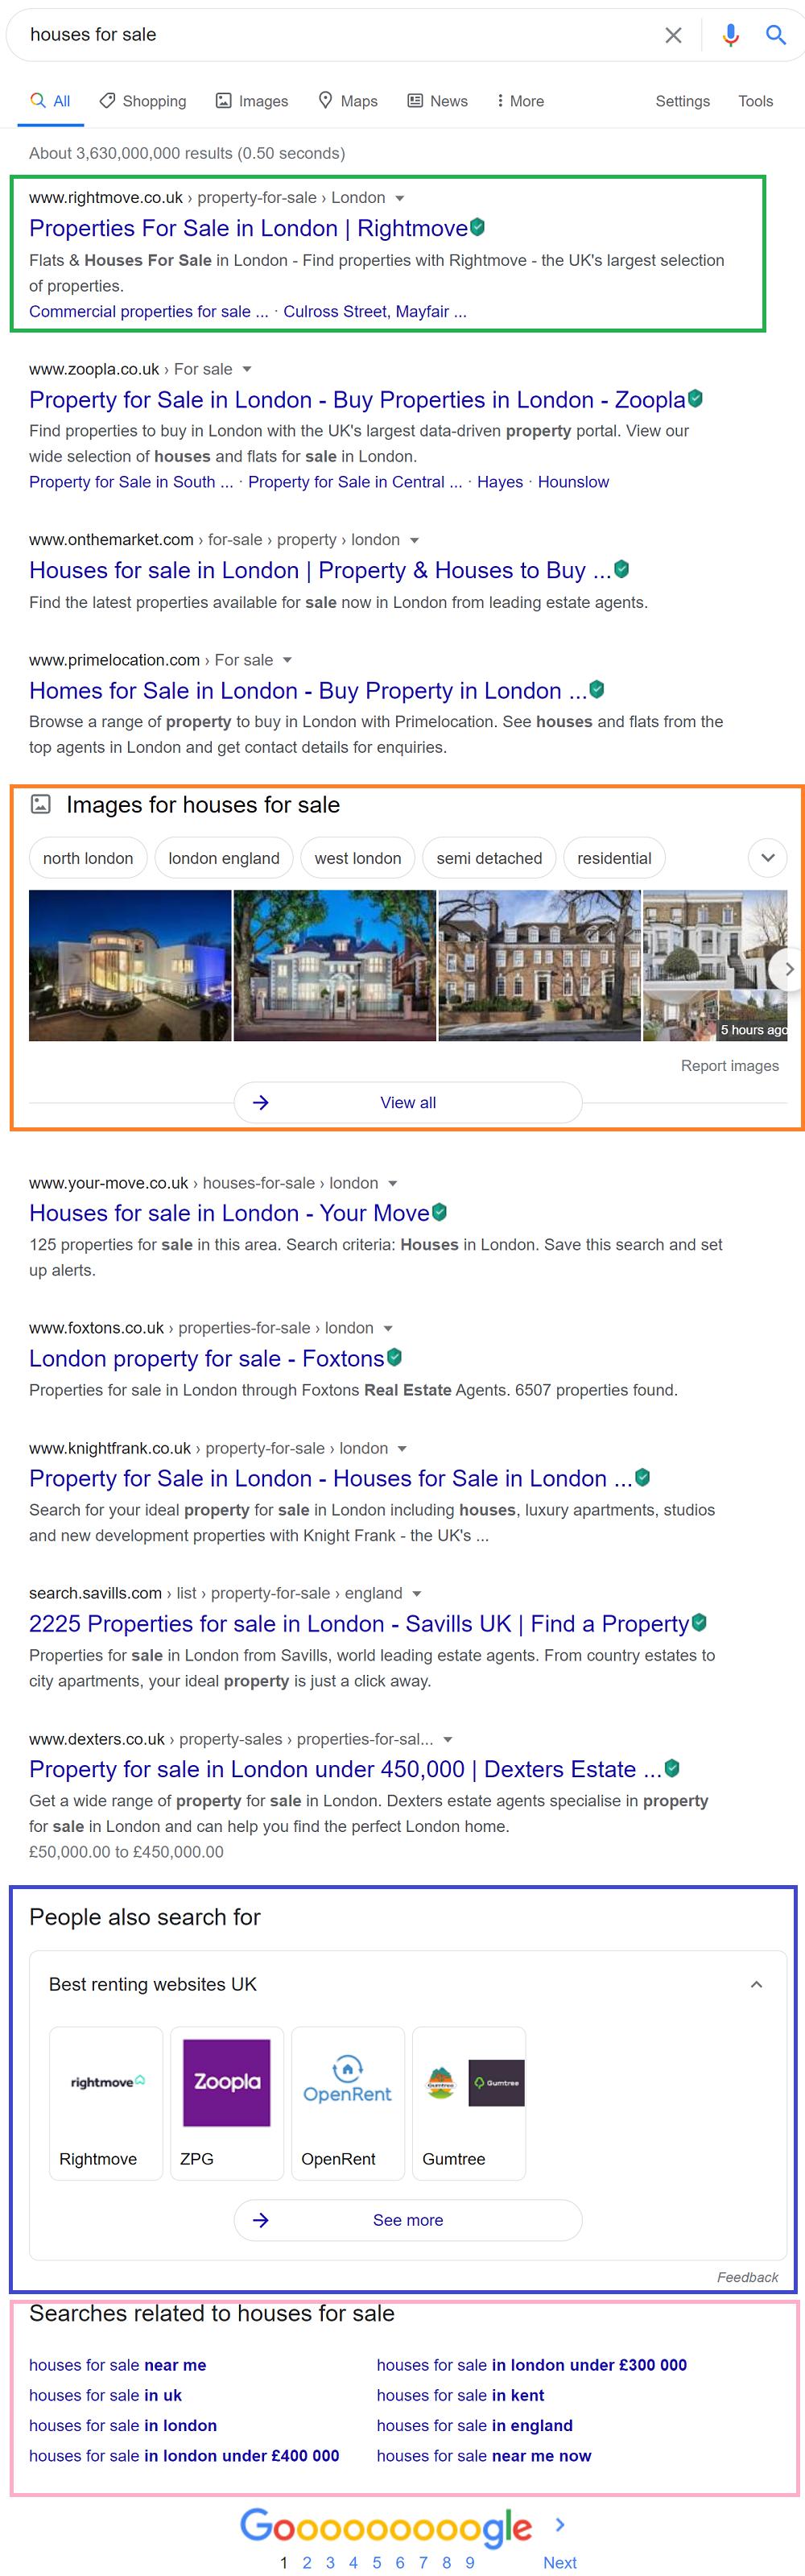 Real Estate SERP Landscape